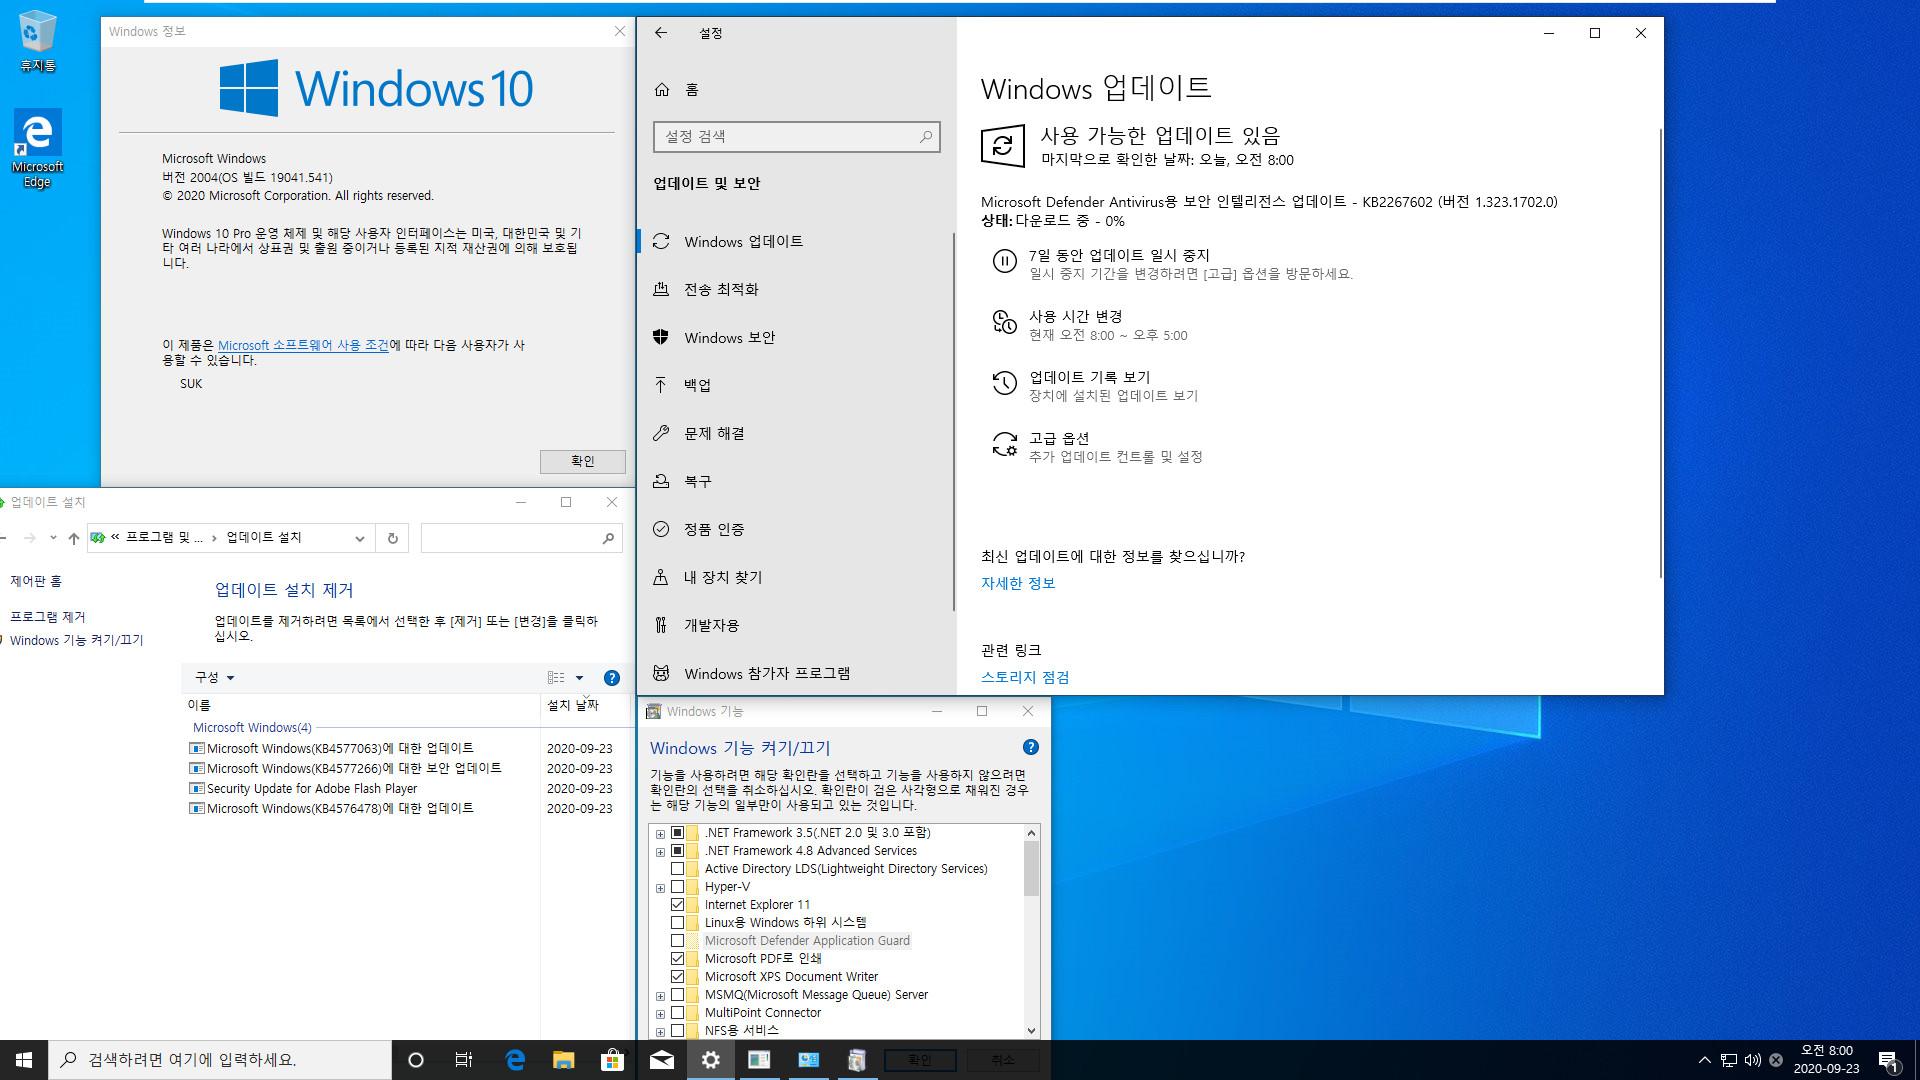 2020-09-23 업데이트 통합 PRO x64 2개 - Windows 10 버전 2004 + 버전 20H2 누적 업데이트 KB4577063 (OS 빌드 19041.541 + 19042.541) - 설치 테스트 2020-09-23_080021.jpg